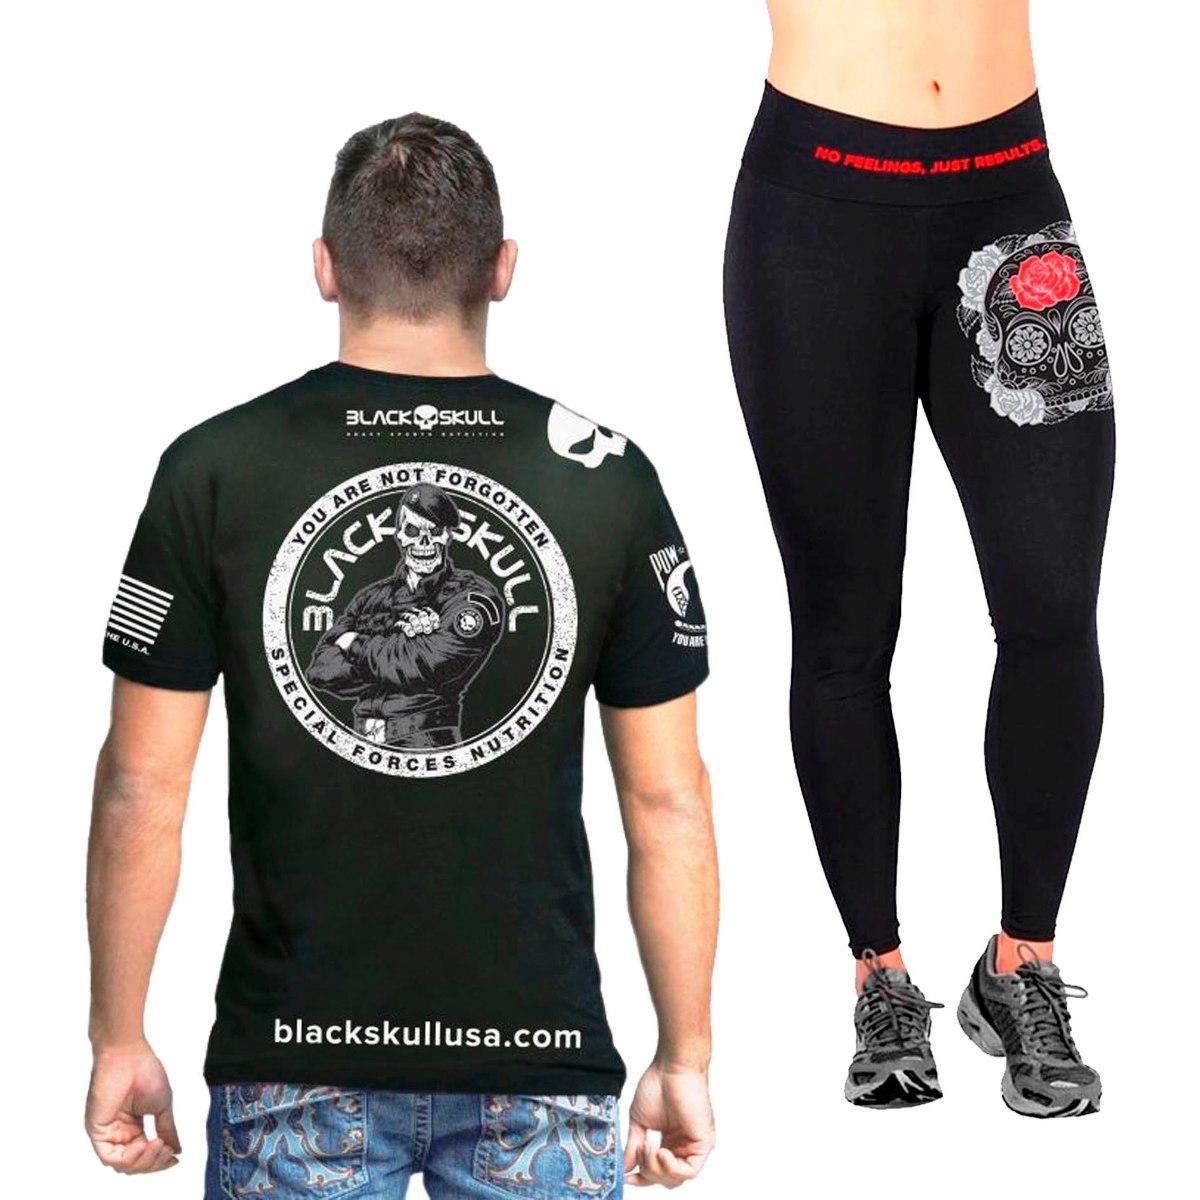 c0325d1a7 calça legging carol saraiva + camiseta do bope - black skull. Carregando  zoom.